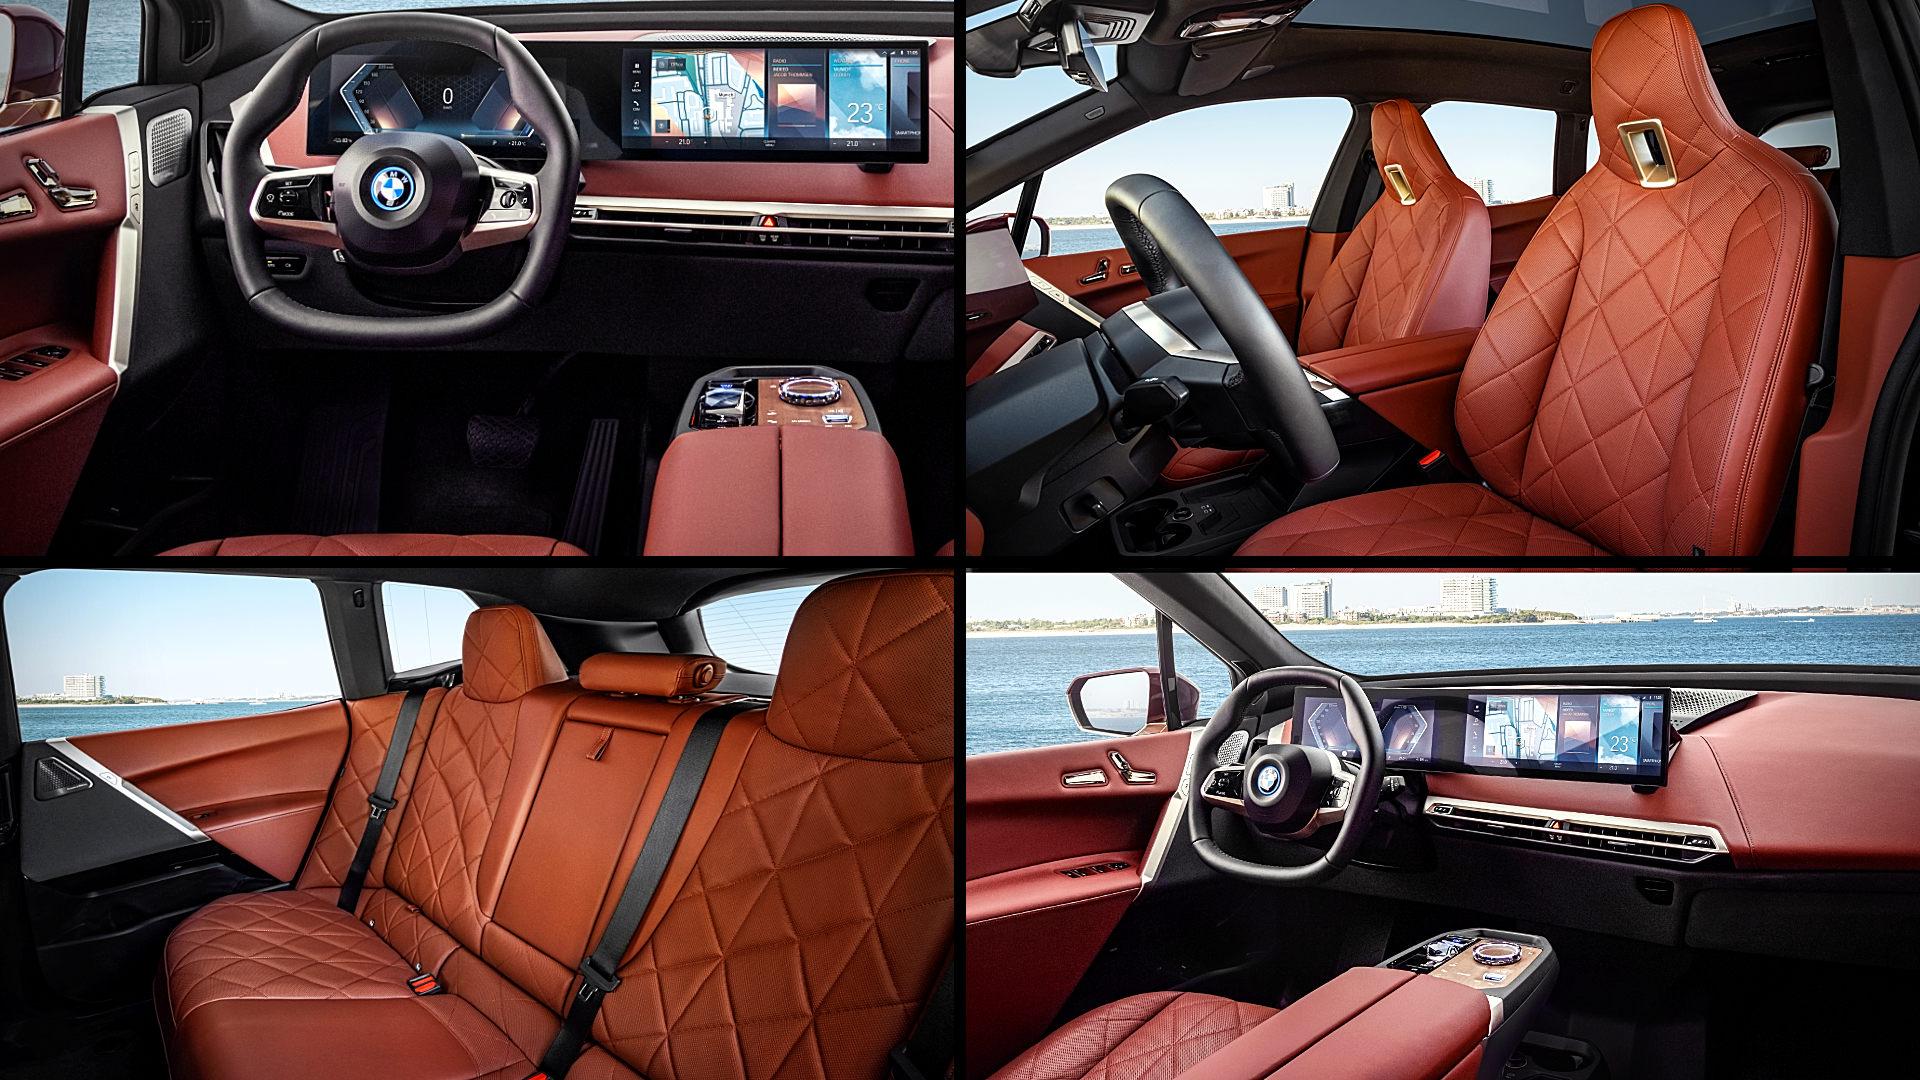 BMW iX Interior Inside